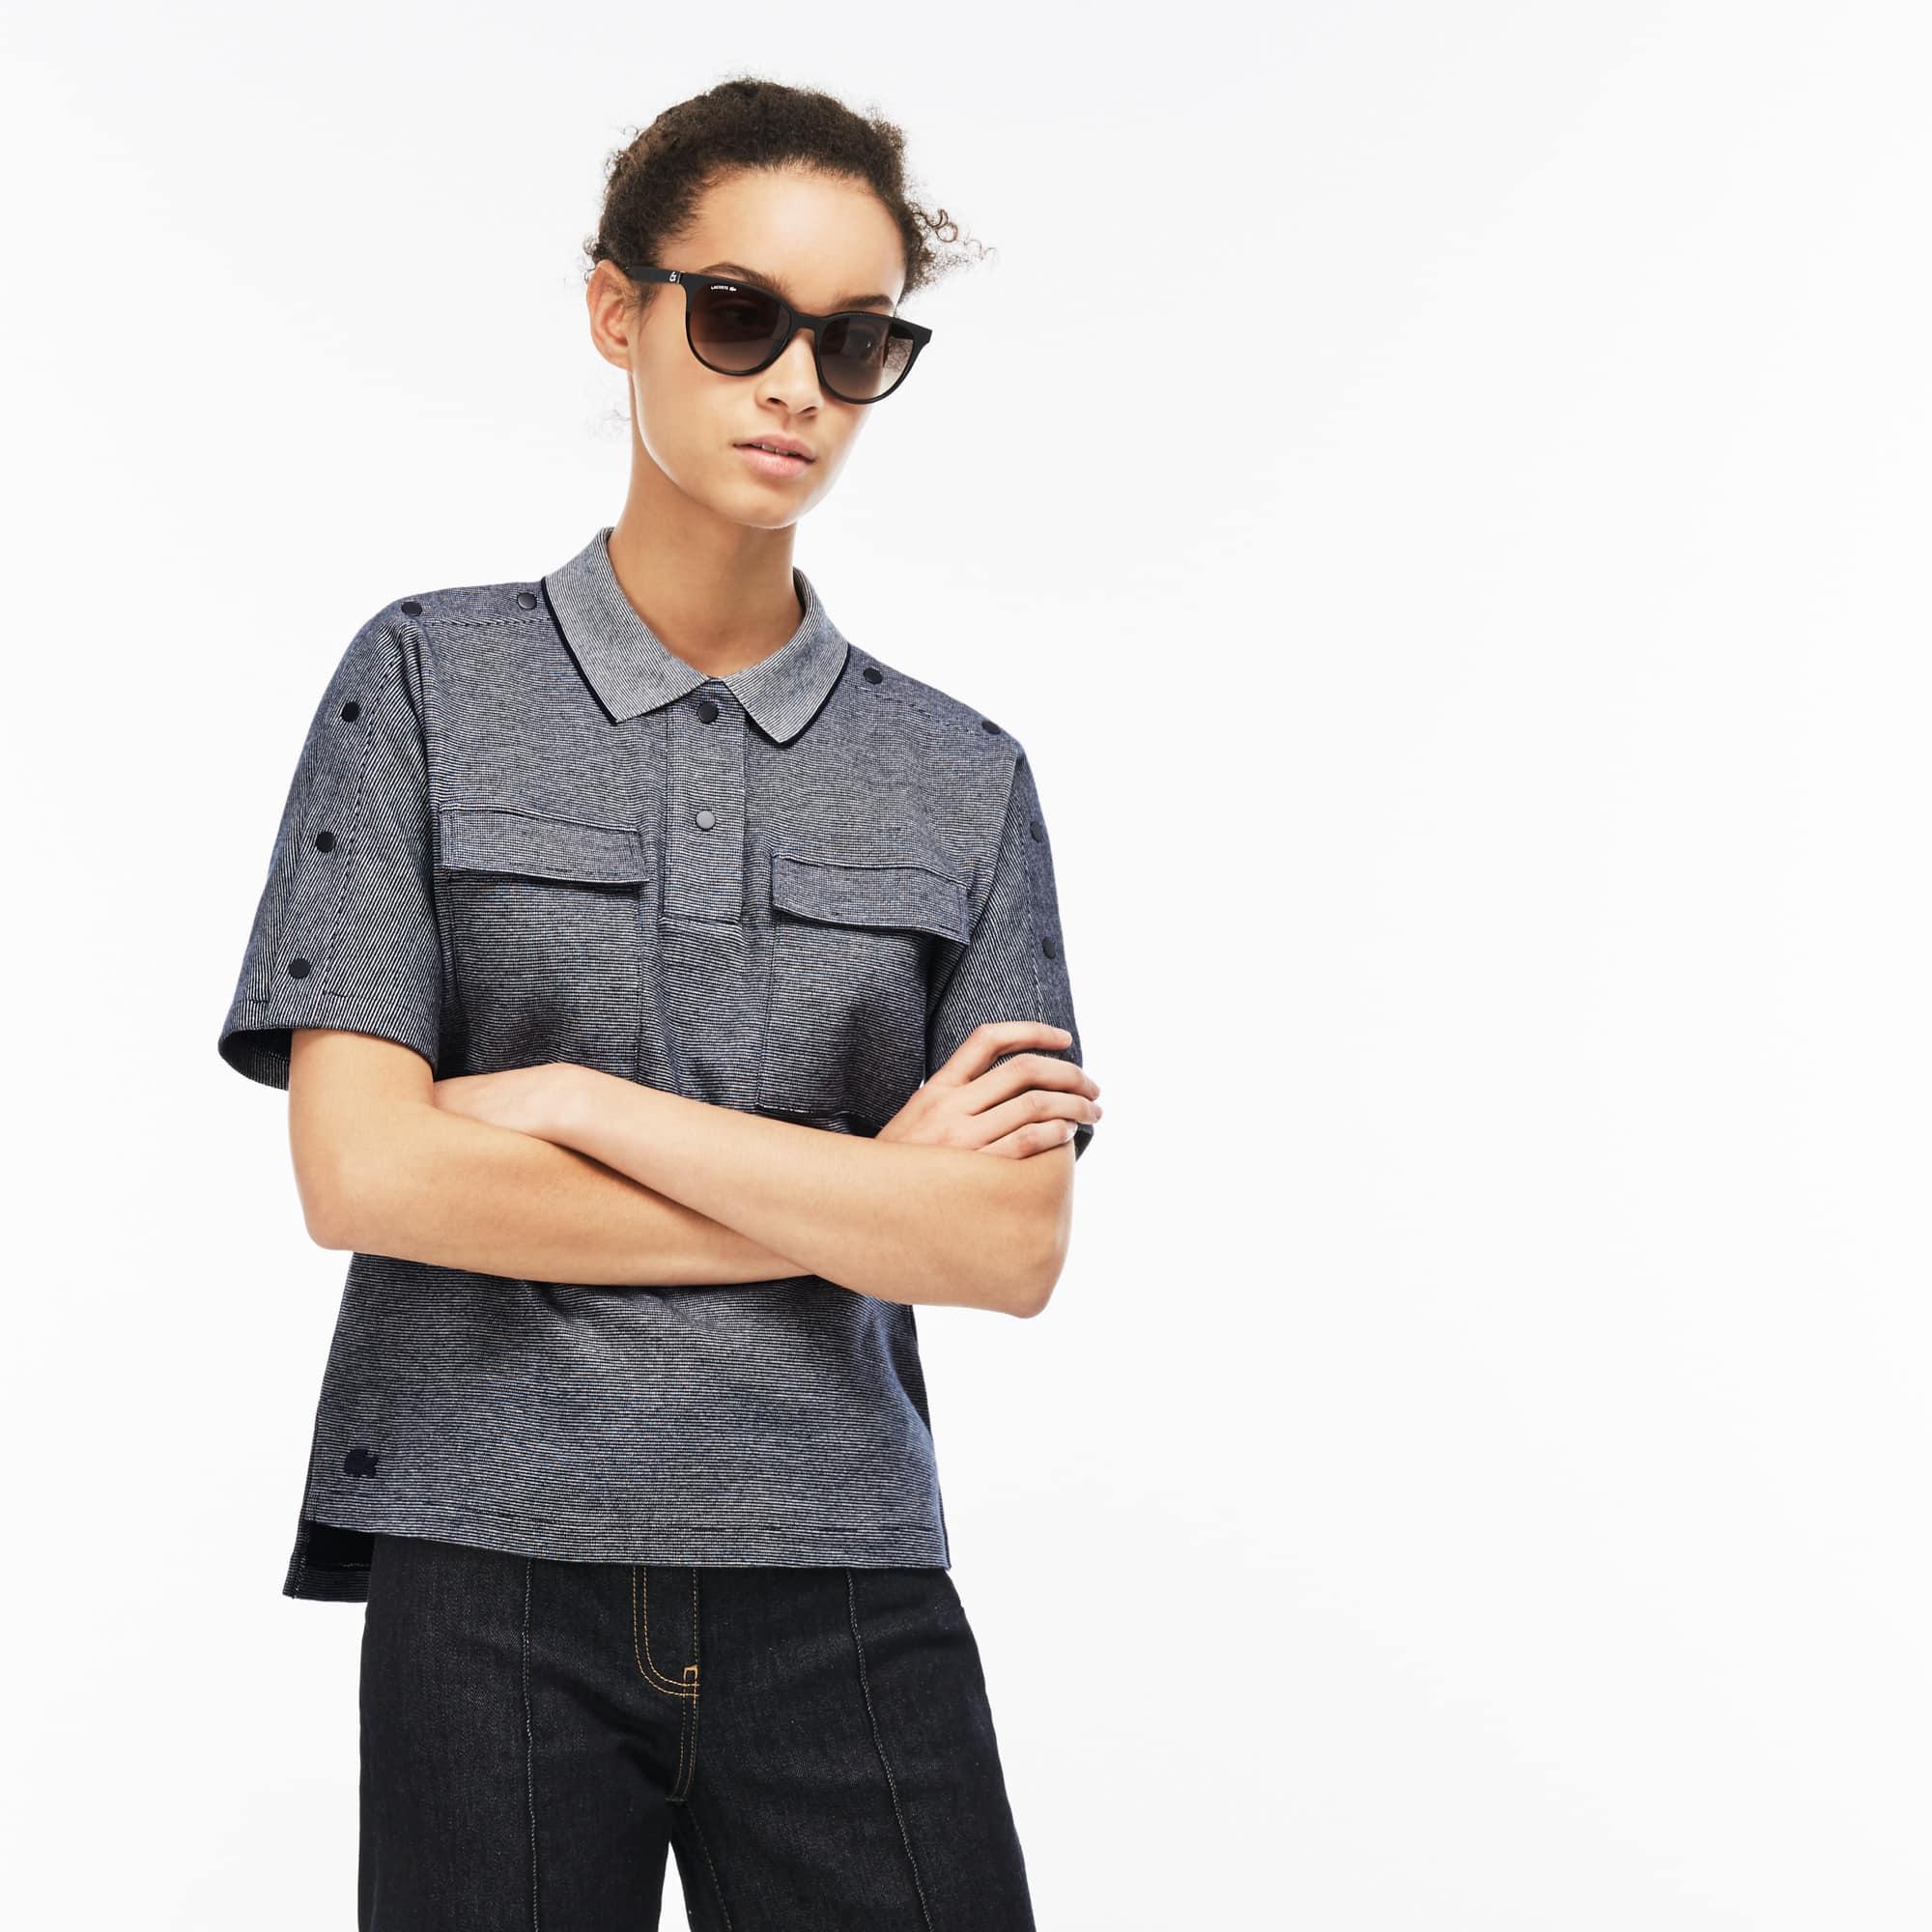 LACOSTE Damen-Poloshirt aus Piqué mit Nadelstreifen und Knöpfen